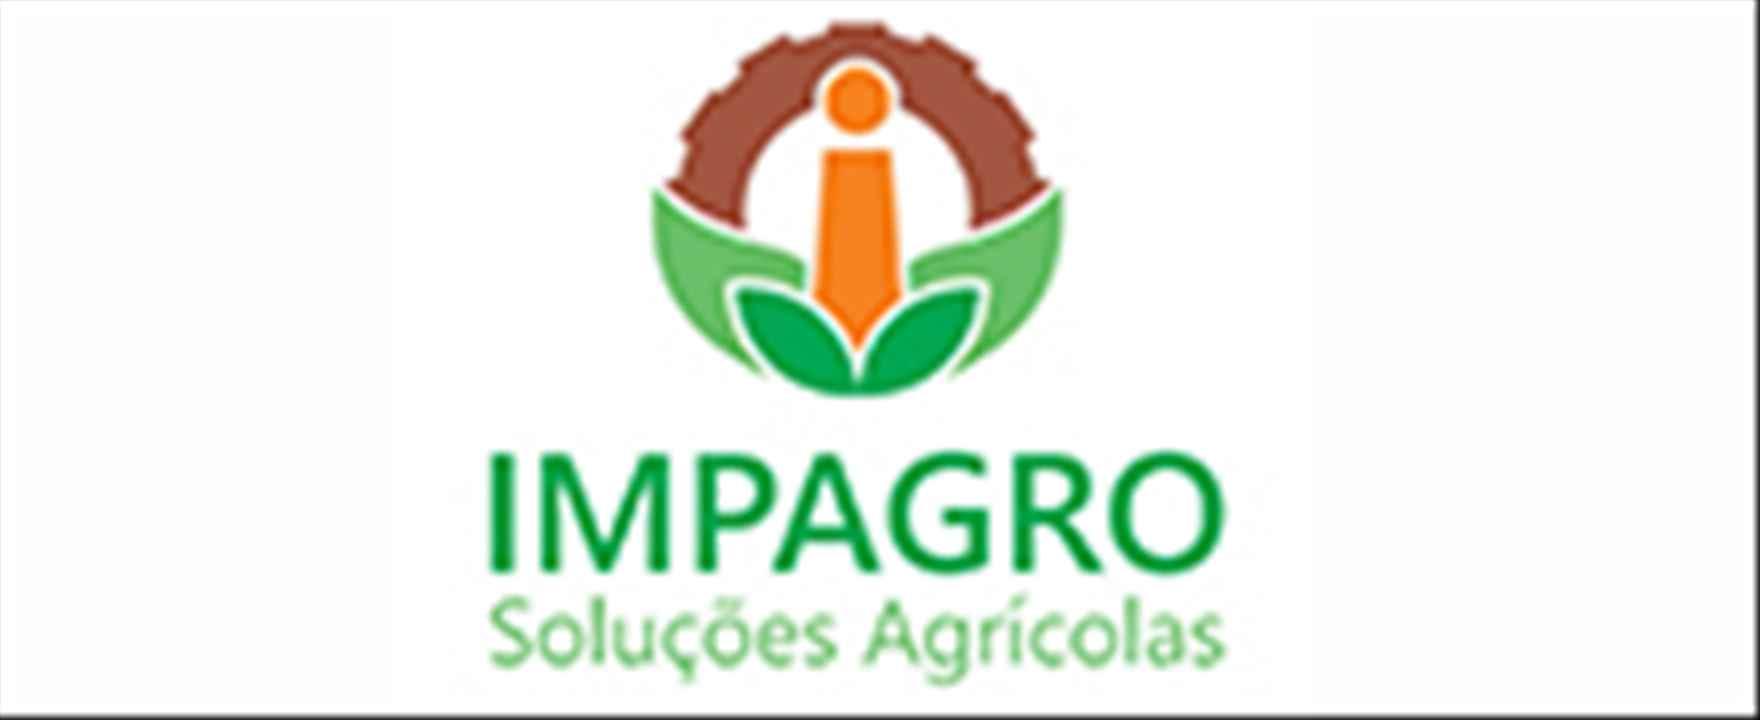 Foto da Loja da Impagro Soluções Agrícolas